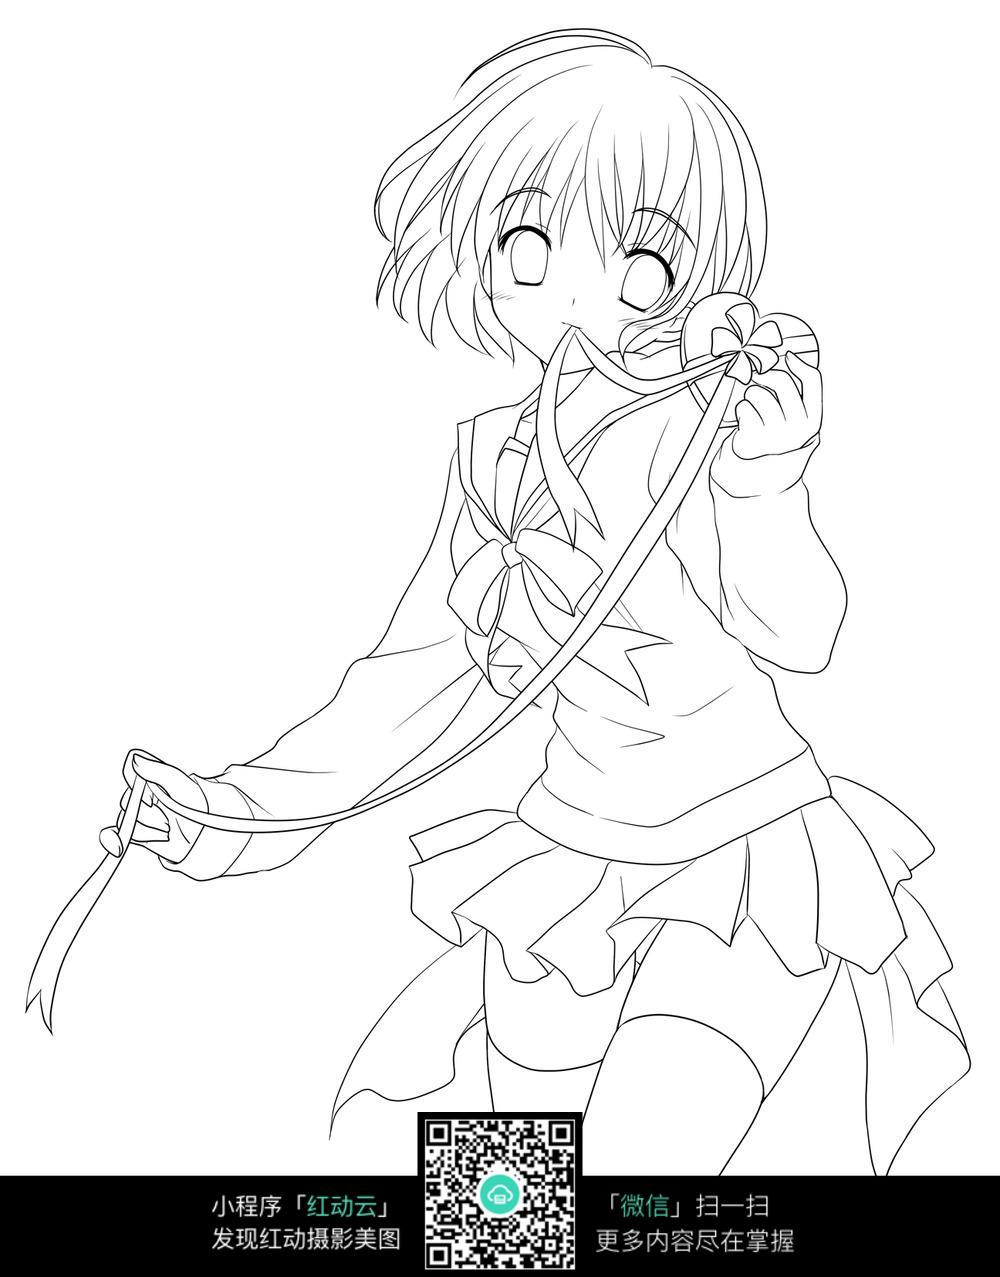 短发女孩卡通手绘